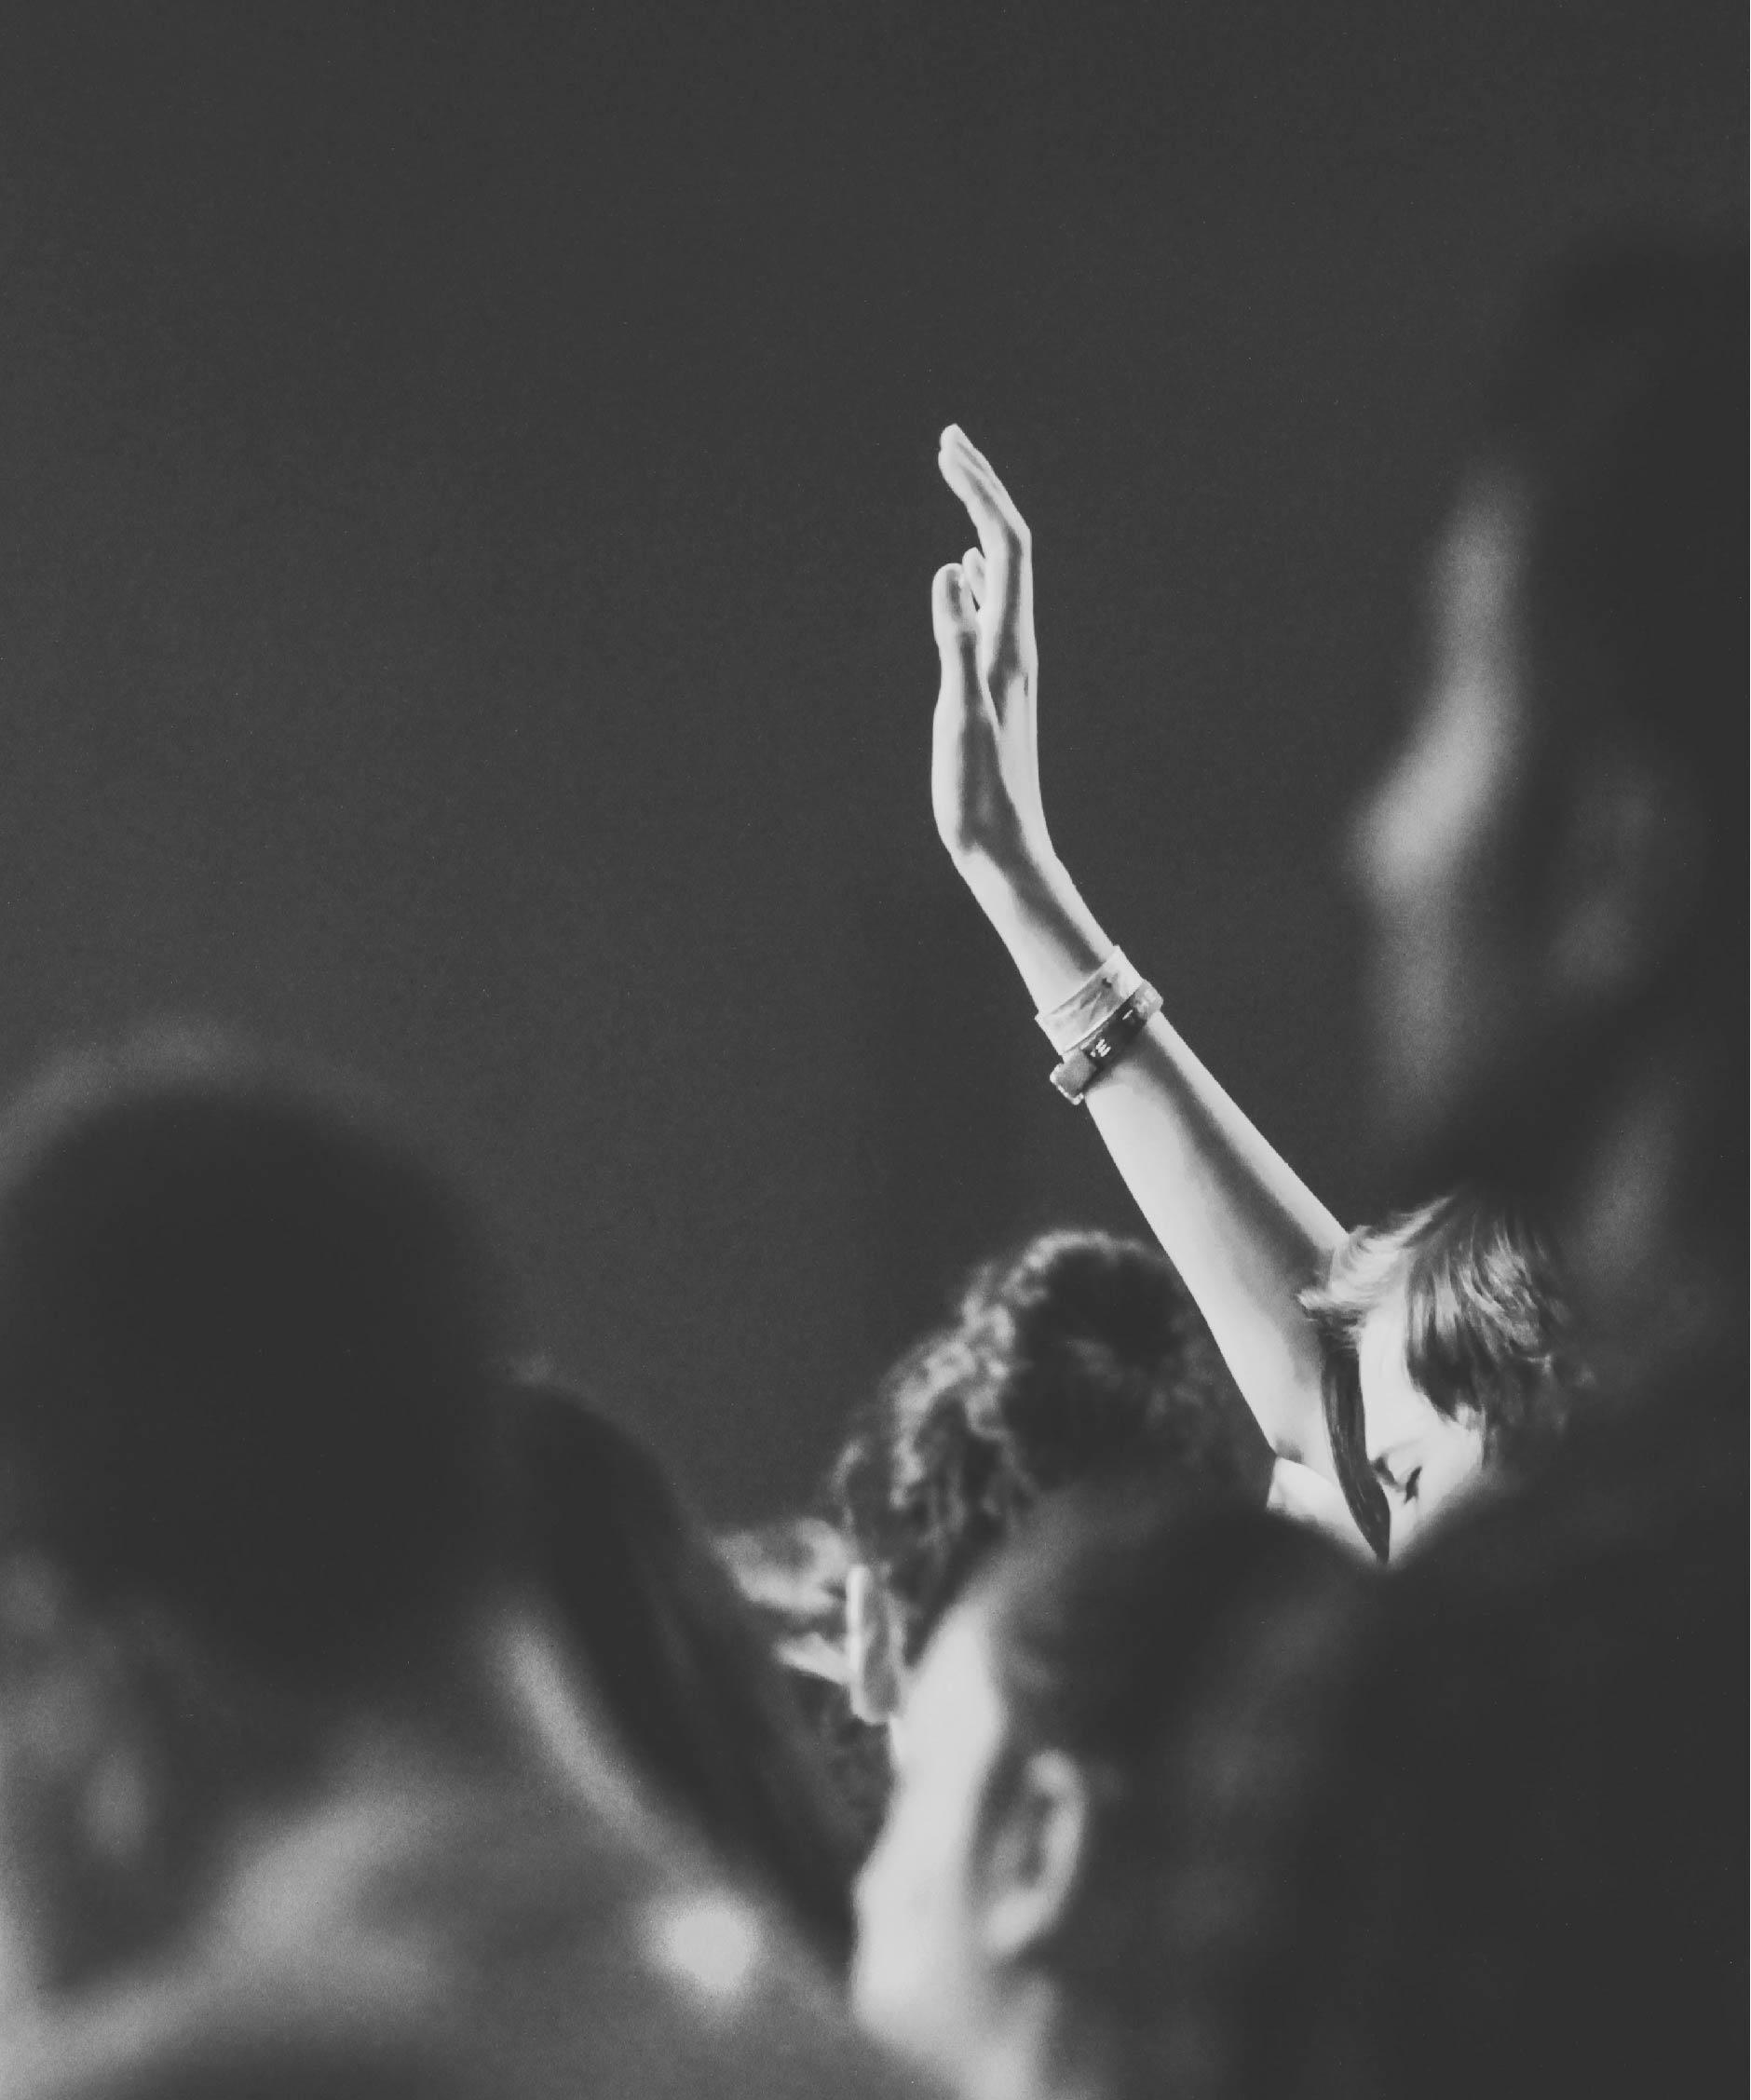 รูปแบบการนมัสการนั้นสำคัญไหม?